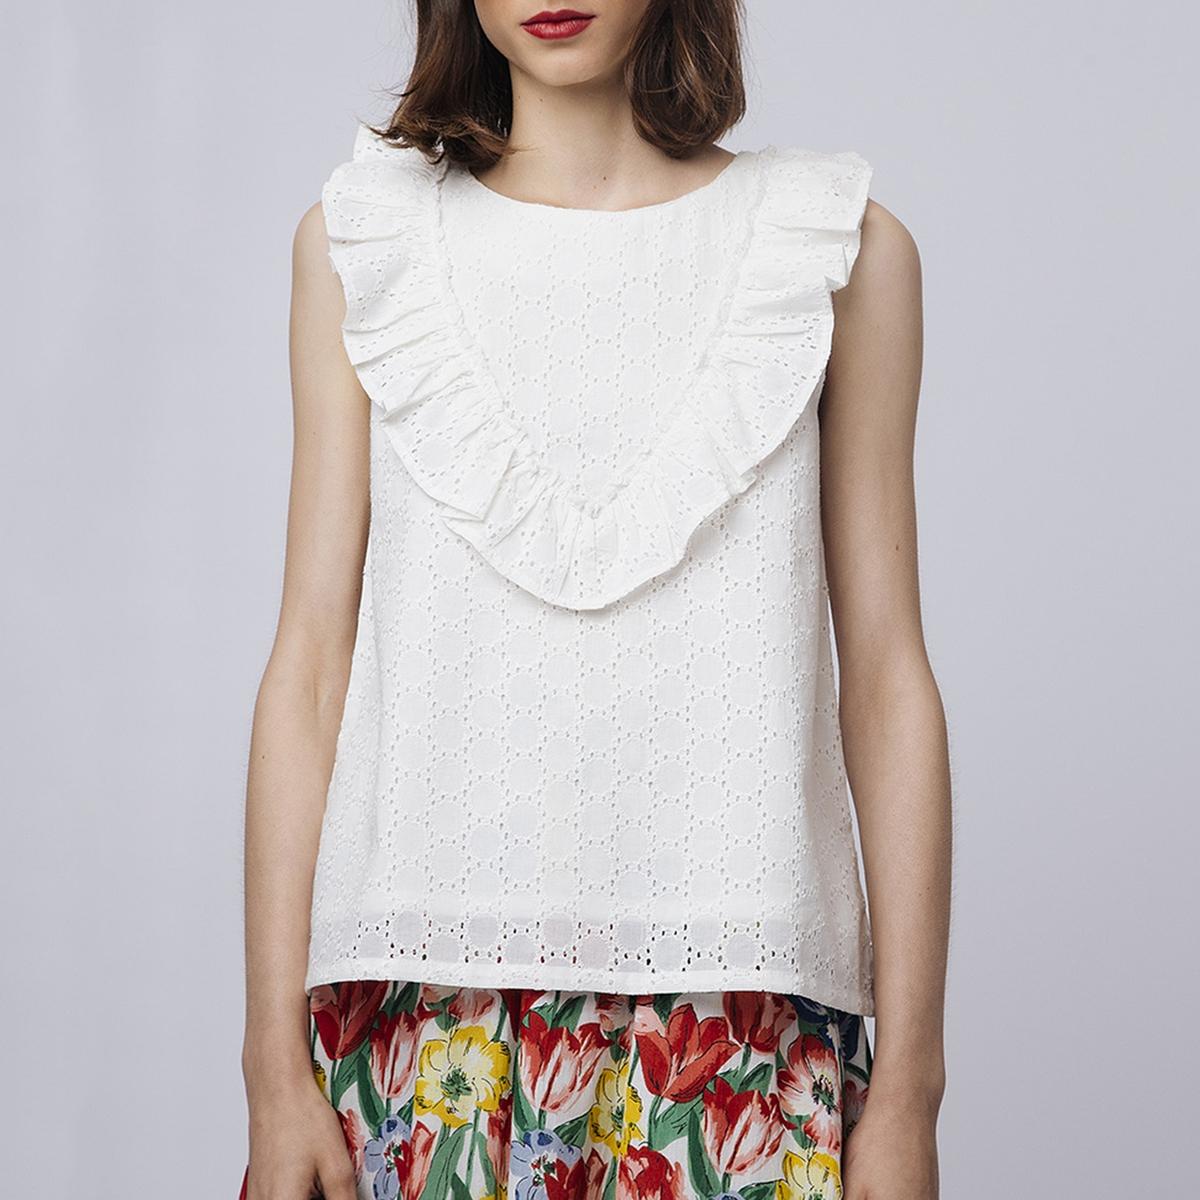 Блузка La Redoute С вышивкой воланом и круглым вырезом без рукавов S белый комбинезон la redoute с вышивкой без рукавов m черный